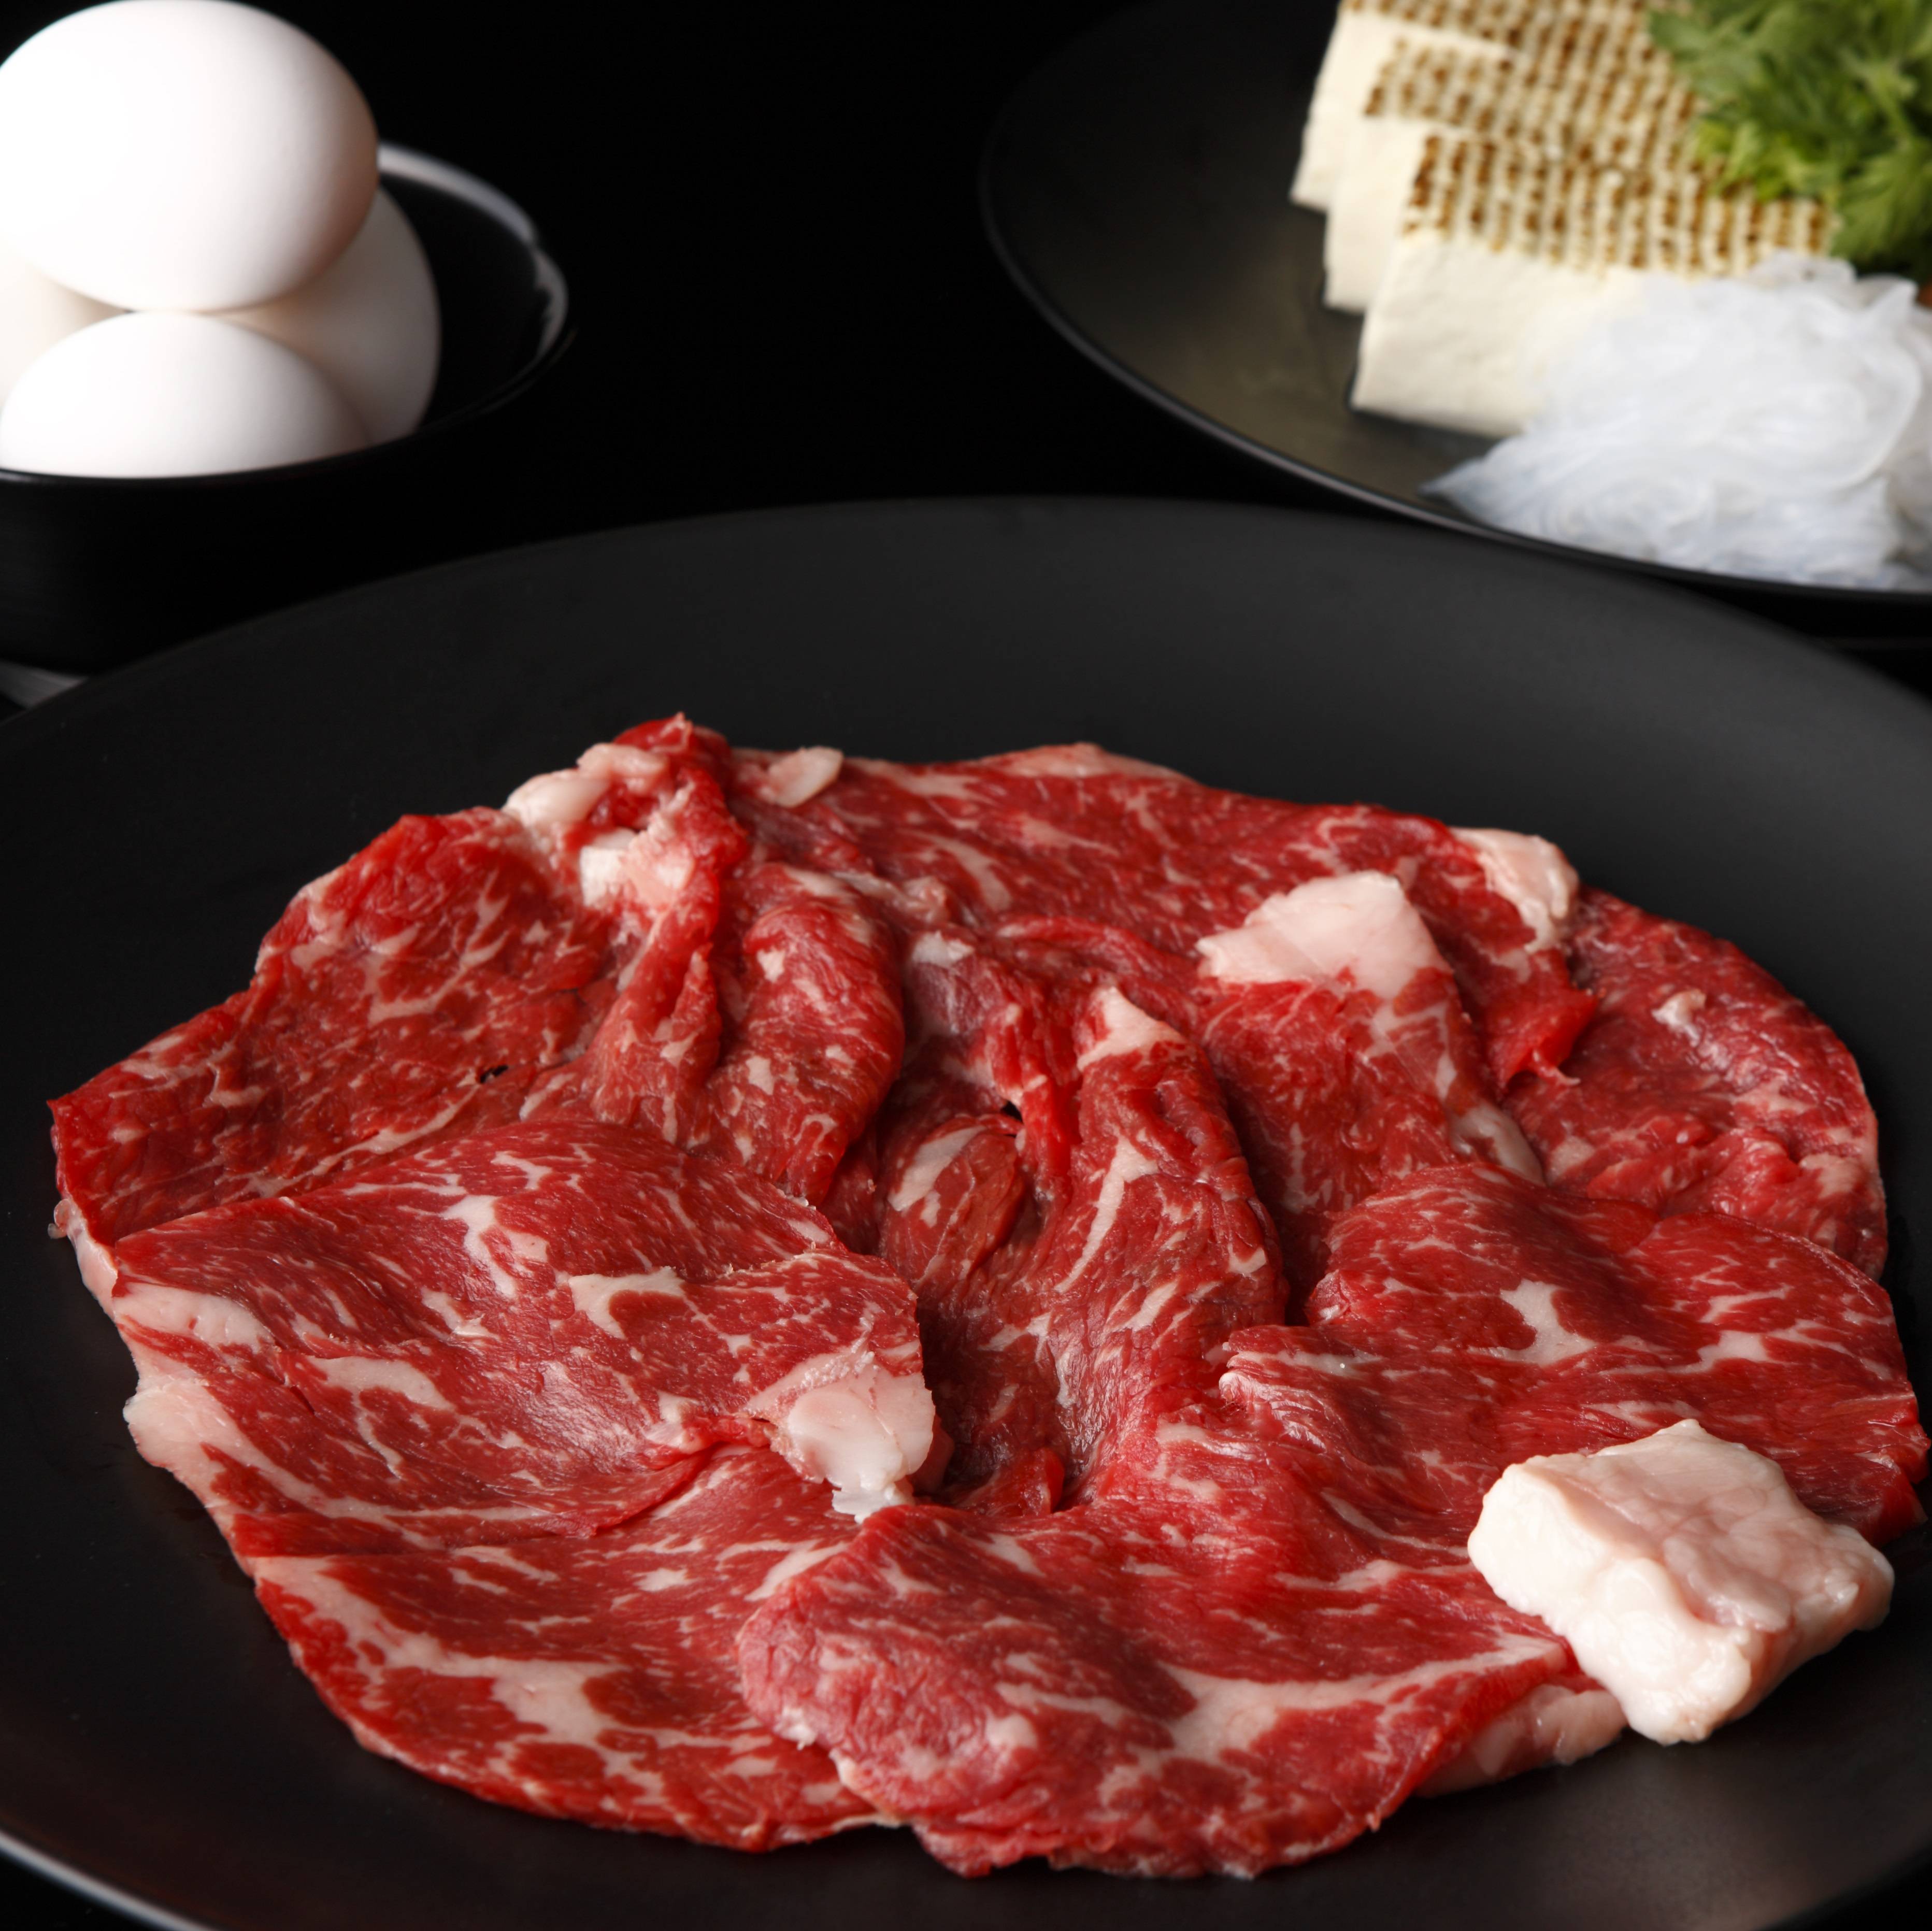 【北海道】宗谷黒牛モモすき焼き 800g